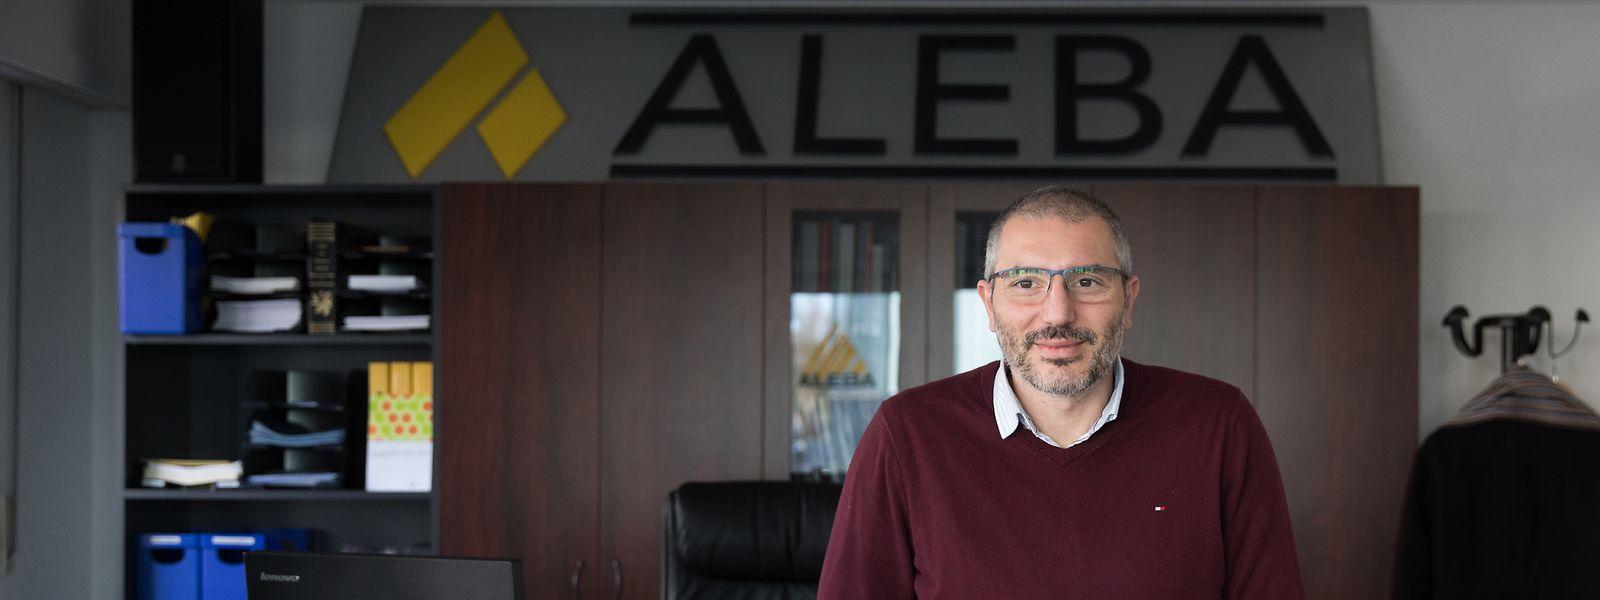 Pour Roberto Mendolia, président de l'Aleba, la crise sanitaire constitue «une bombe à retardement» pour la Place.